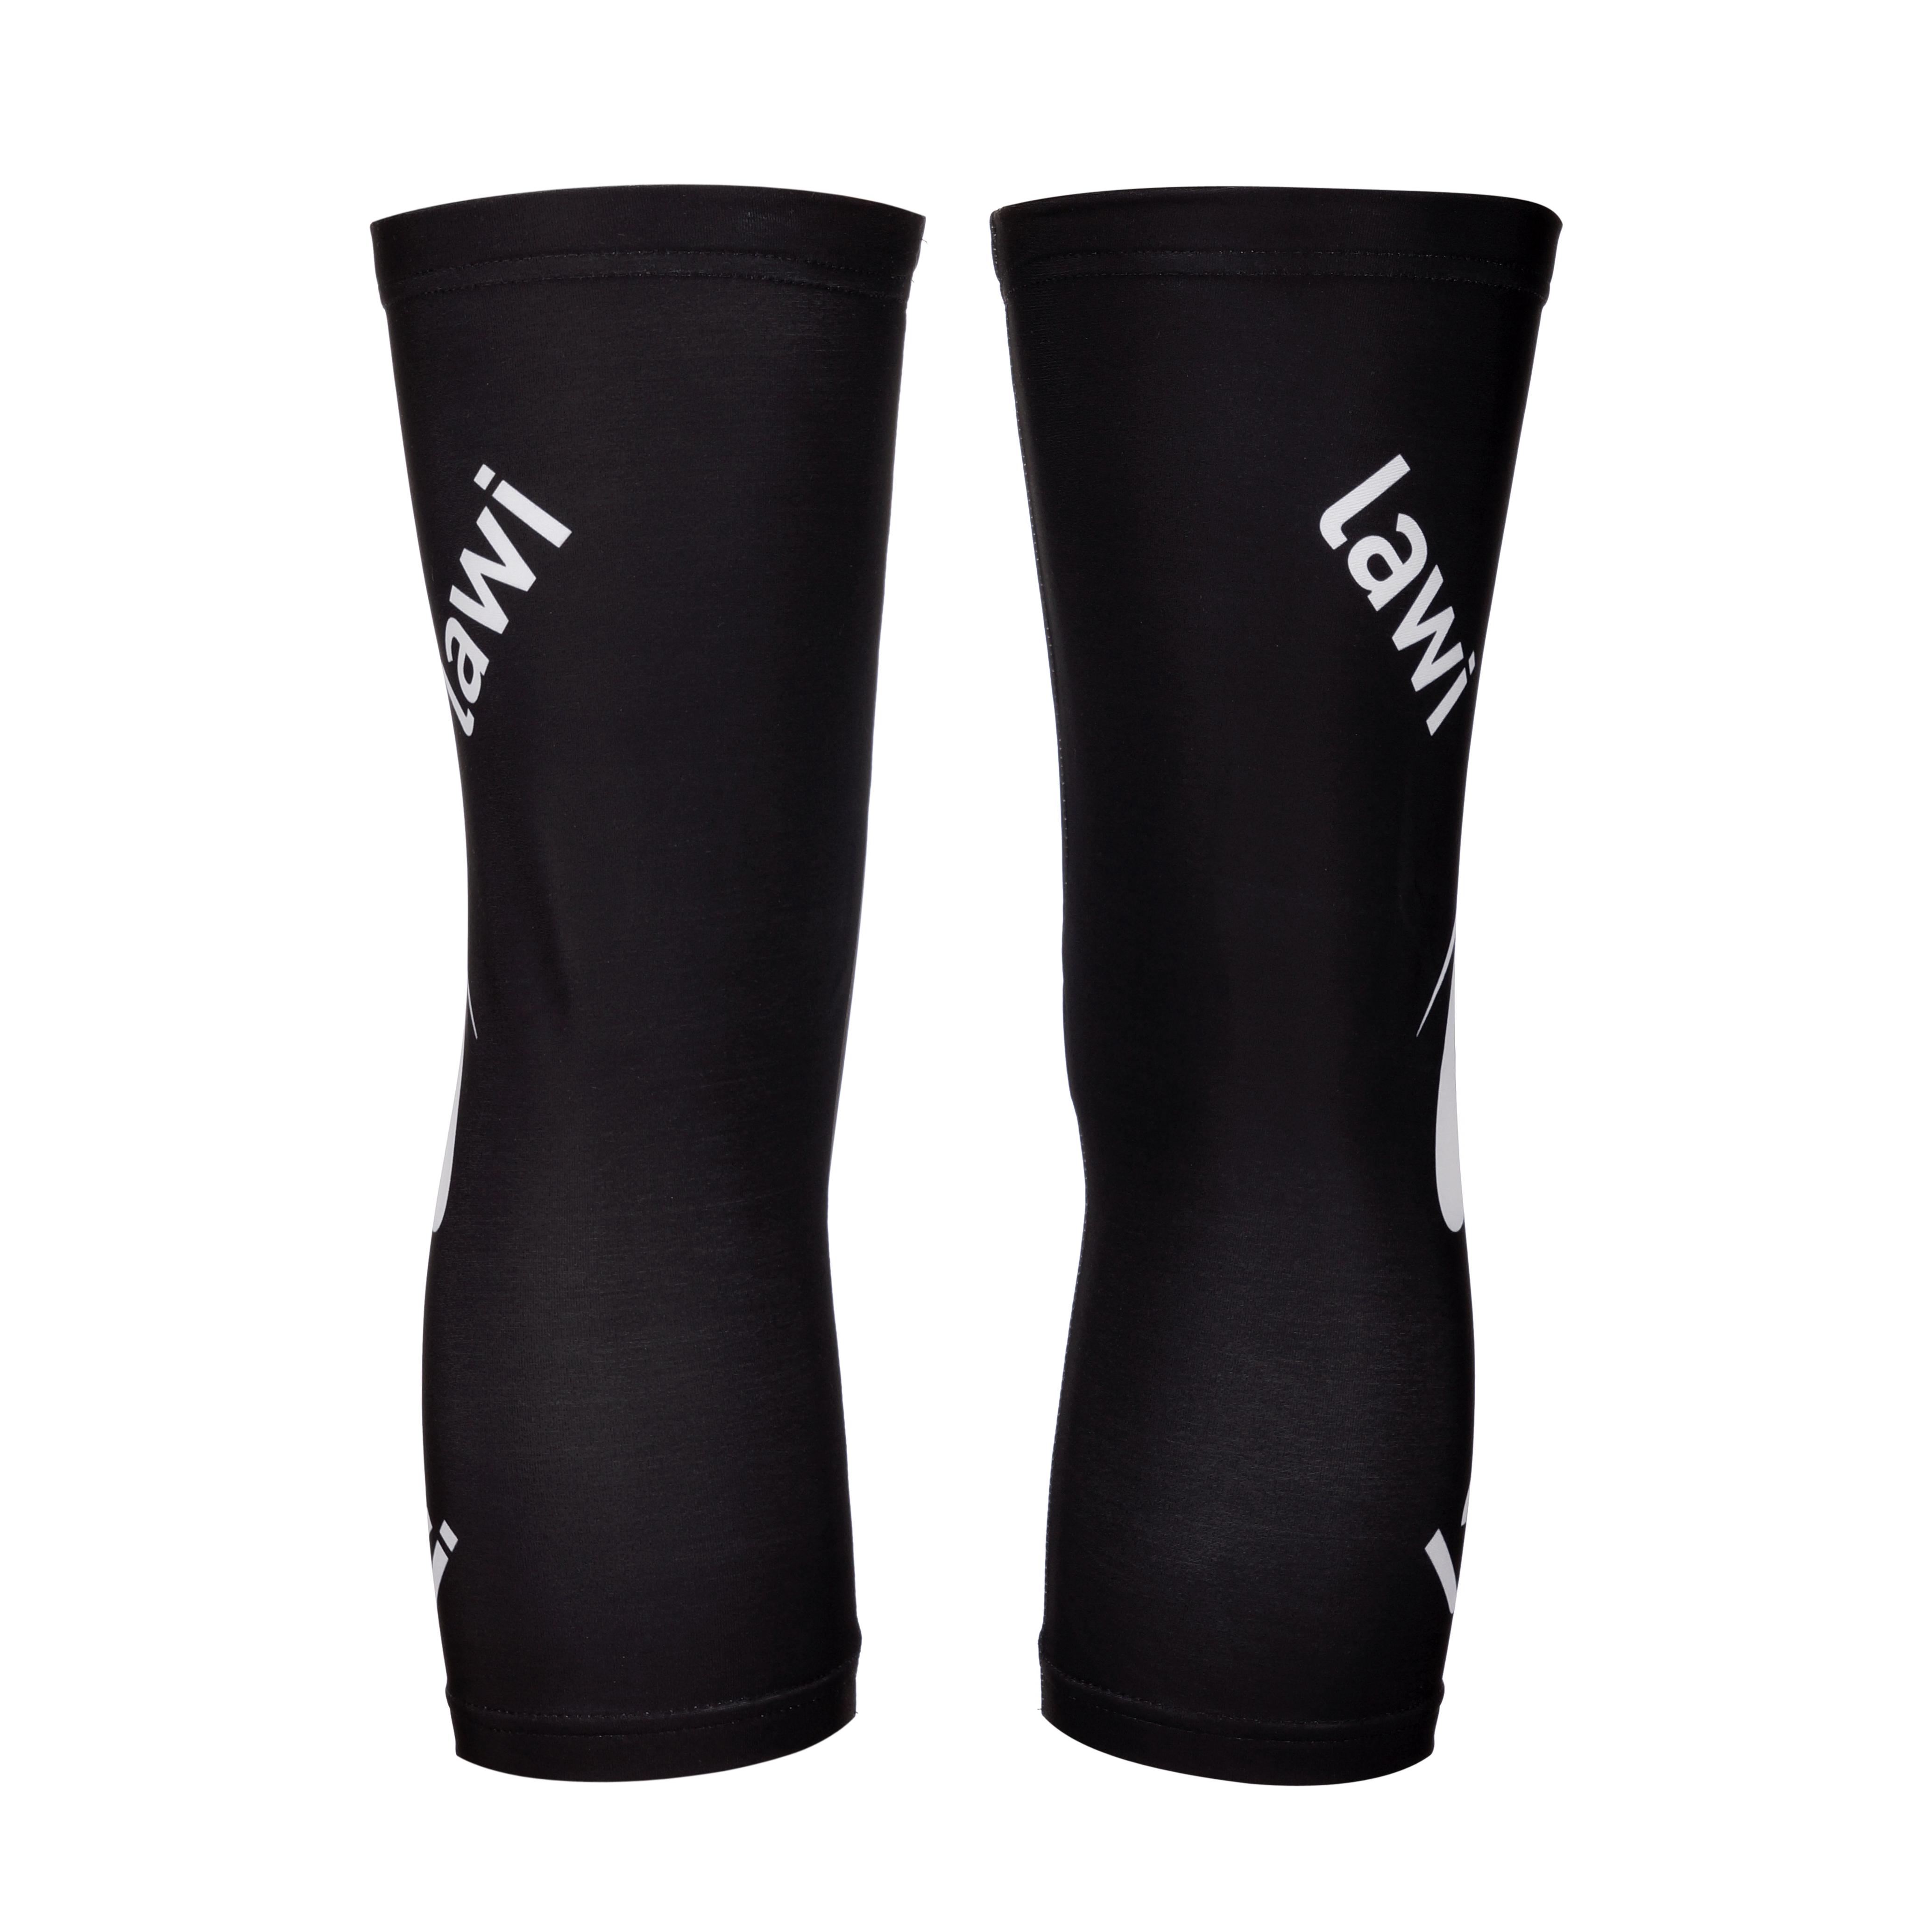 13ff4da23f Cyklistické návleky na kolena